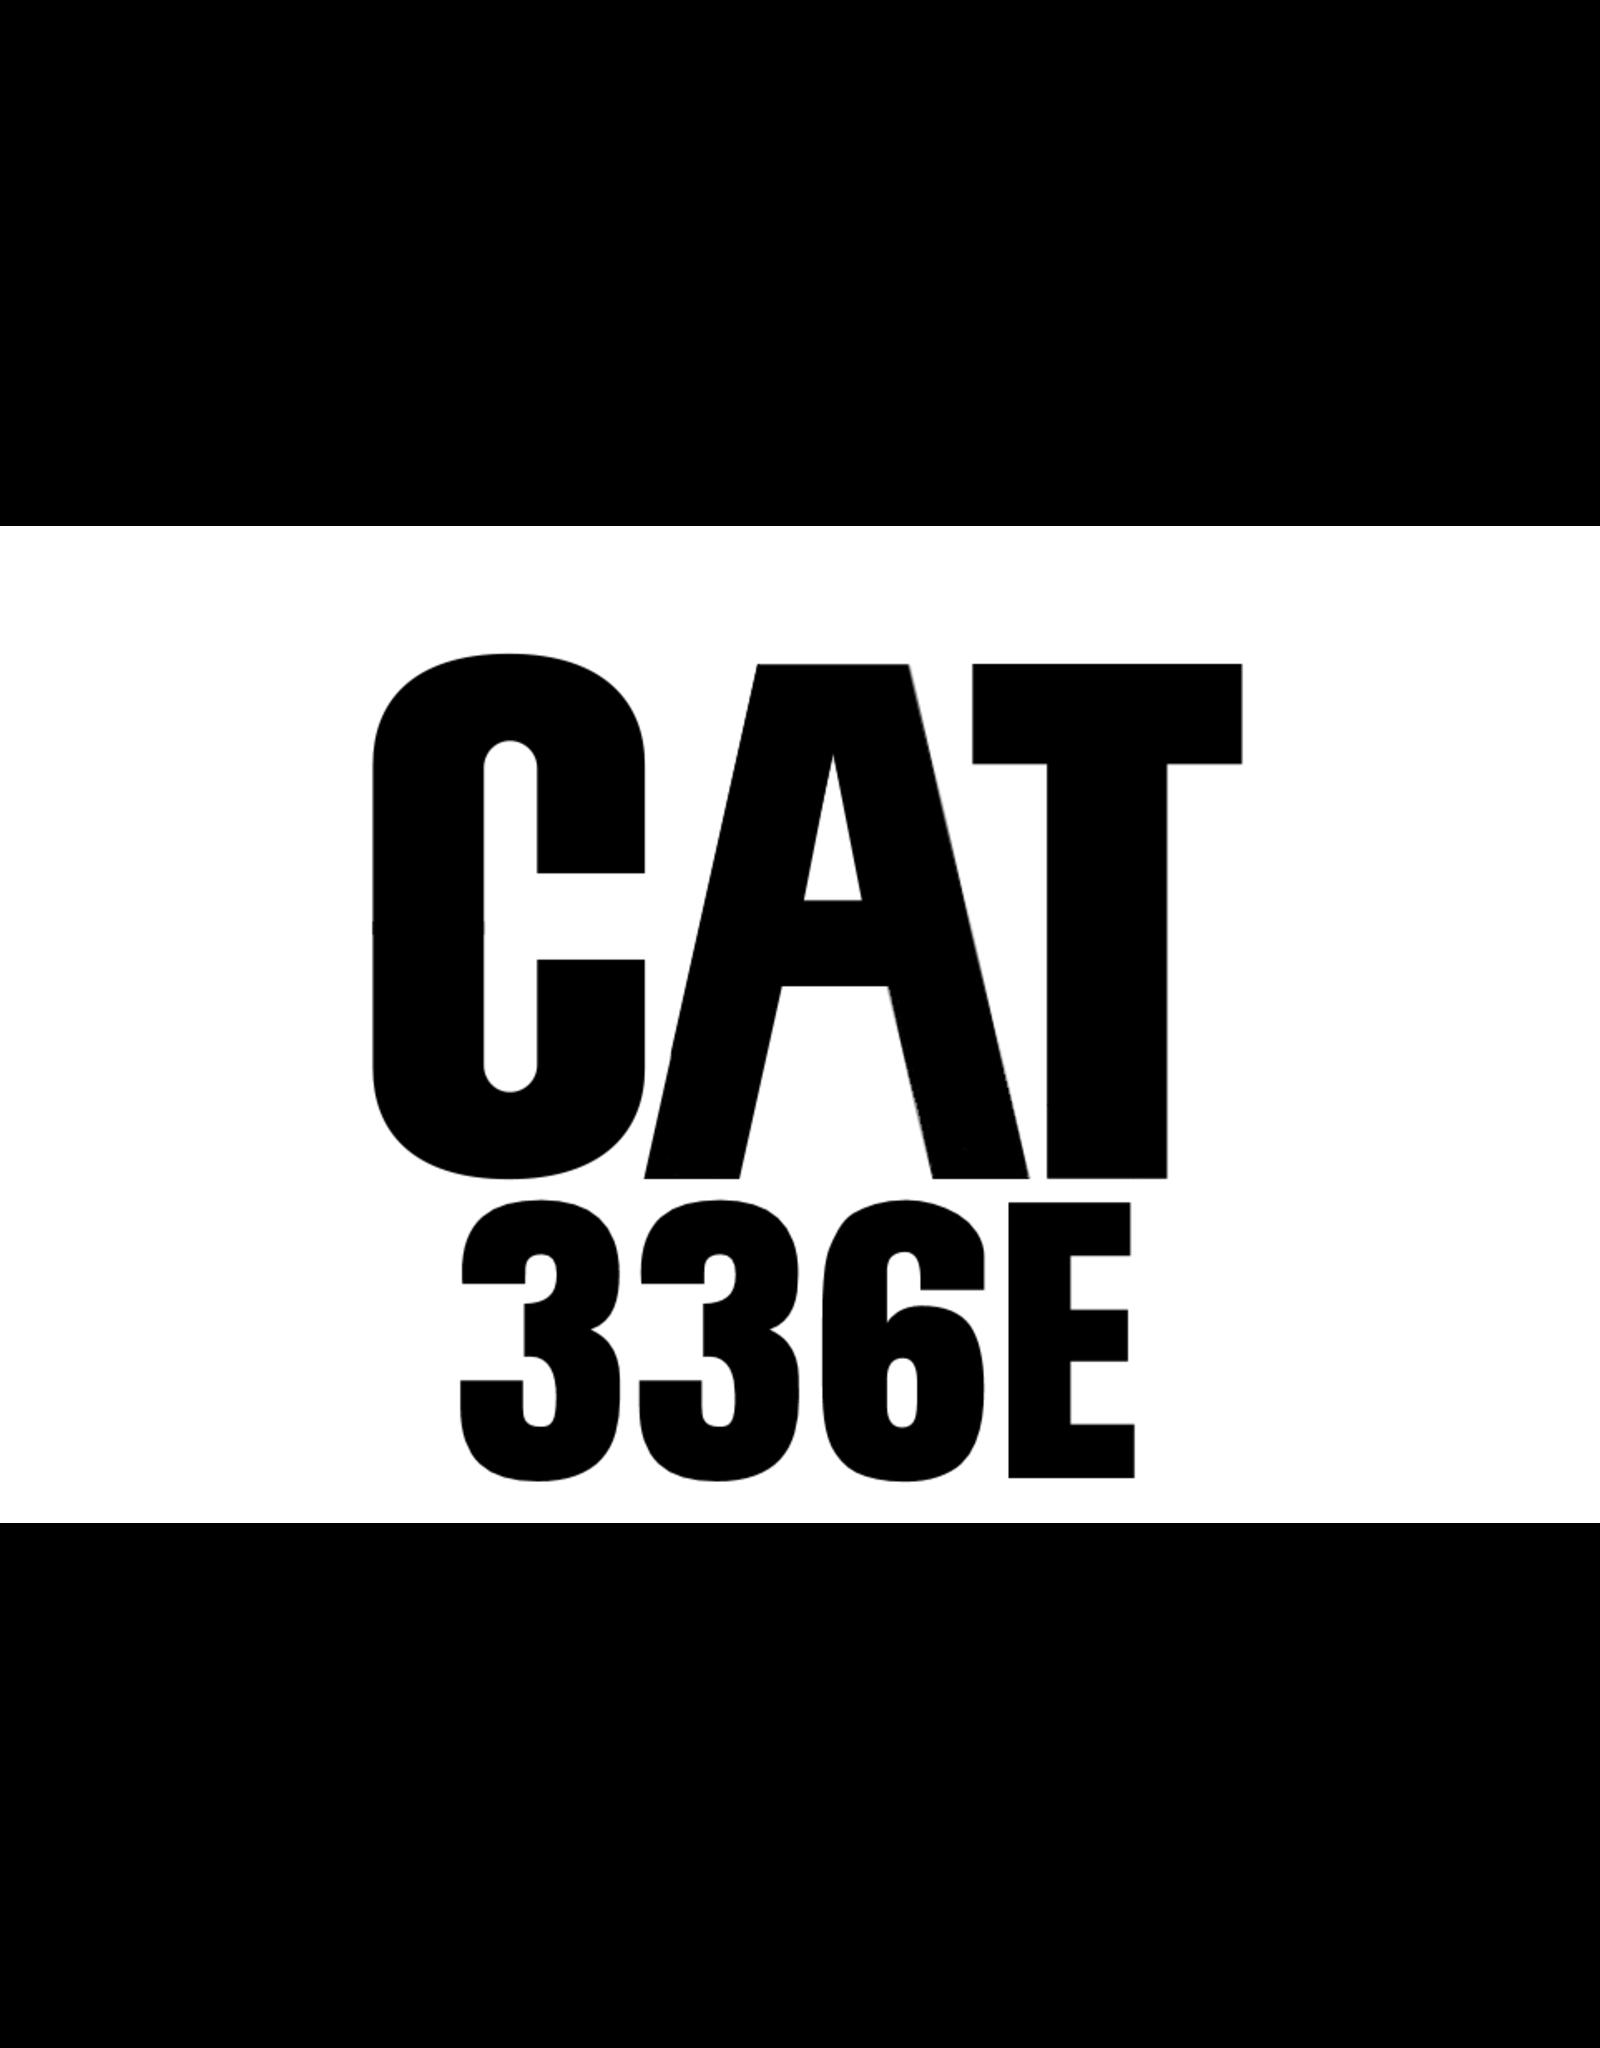 Echle Hartstahl GmbH FOPS for CAT 336E